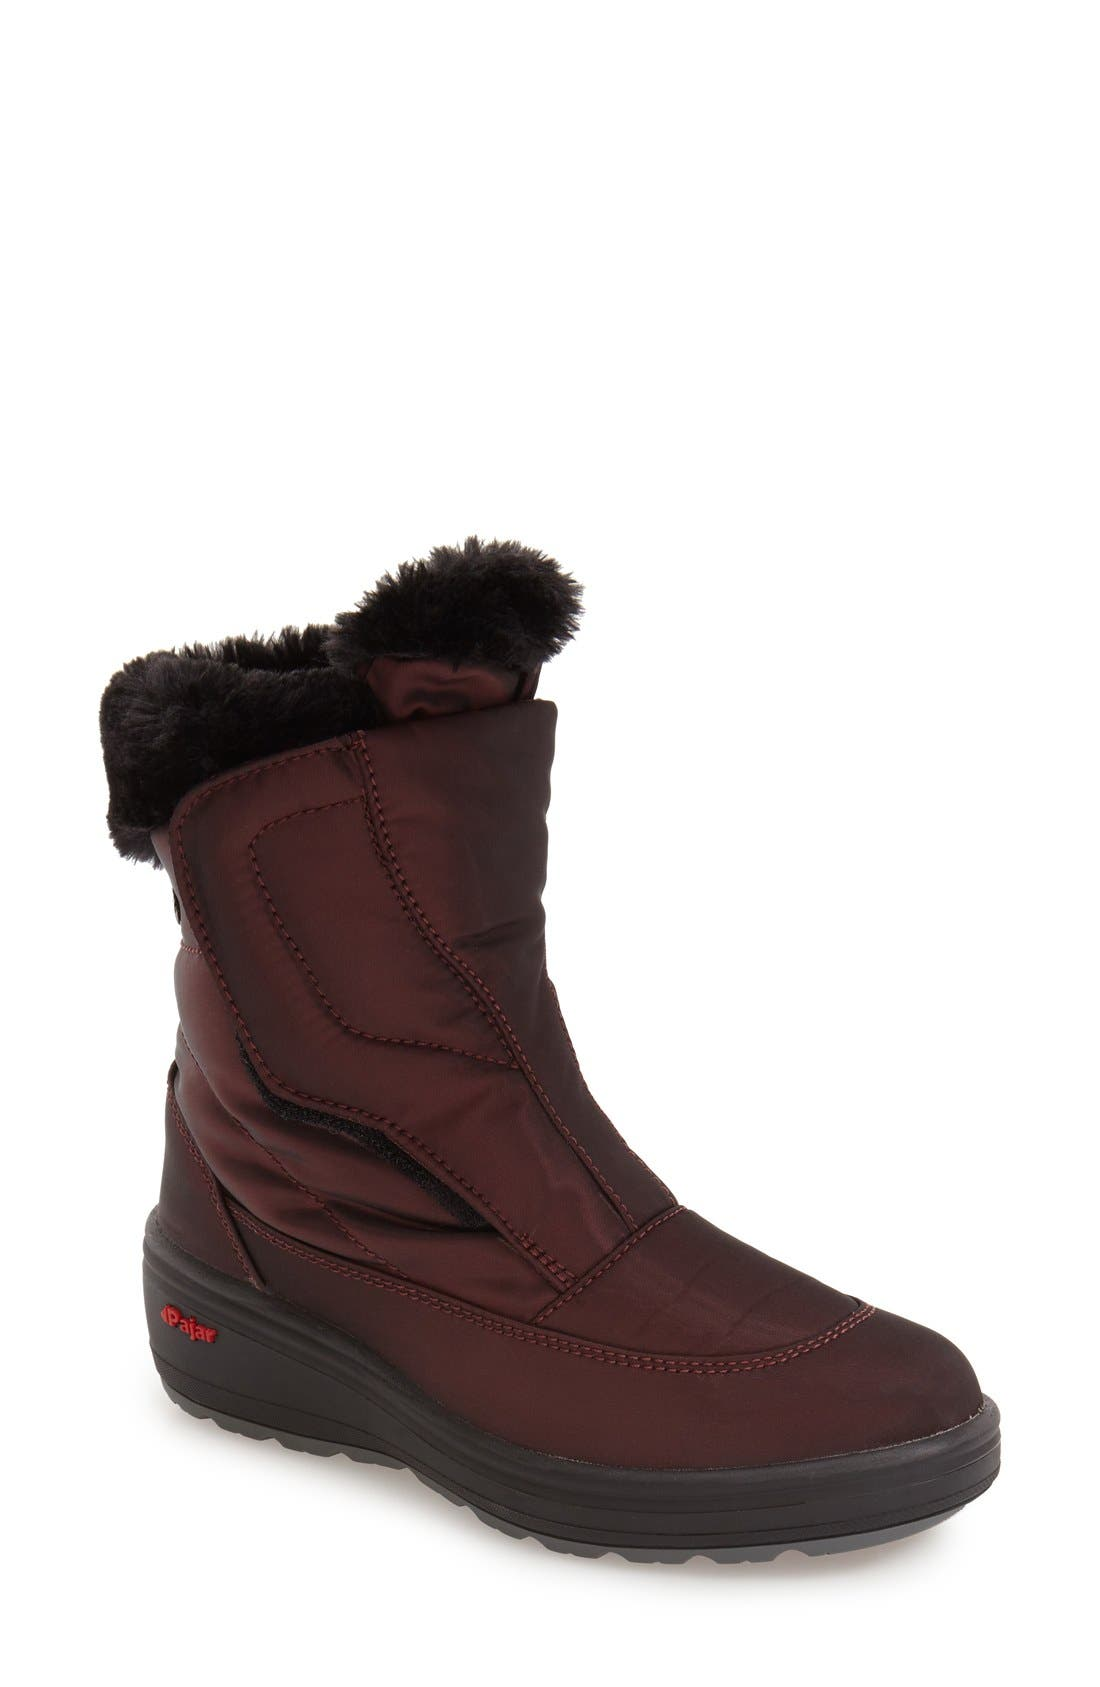 Alternate Image 1 Selected - Pajar 'Kimmi' Snow Boot (Women)